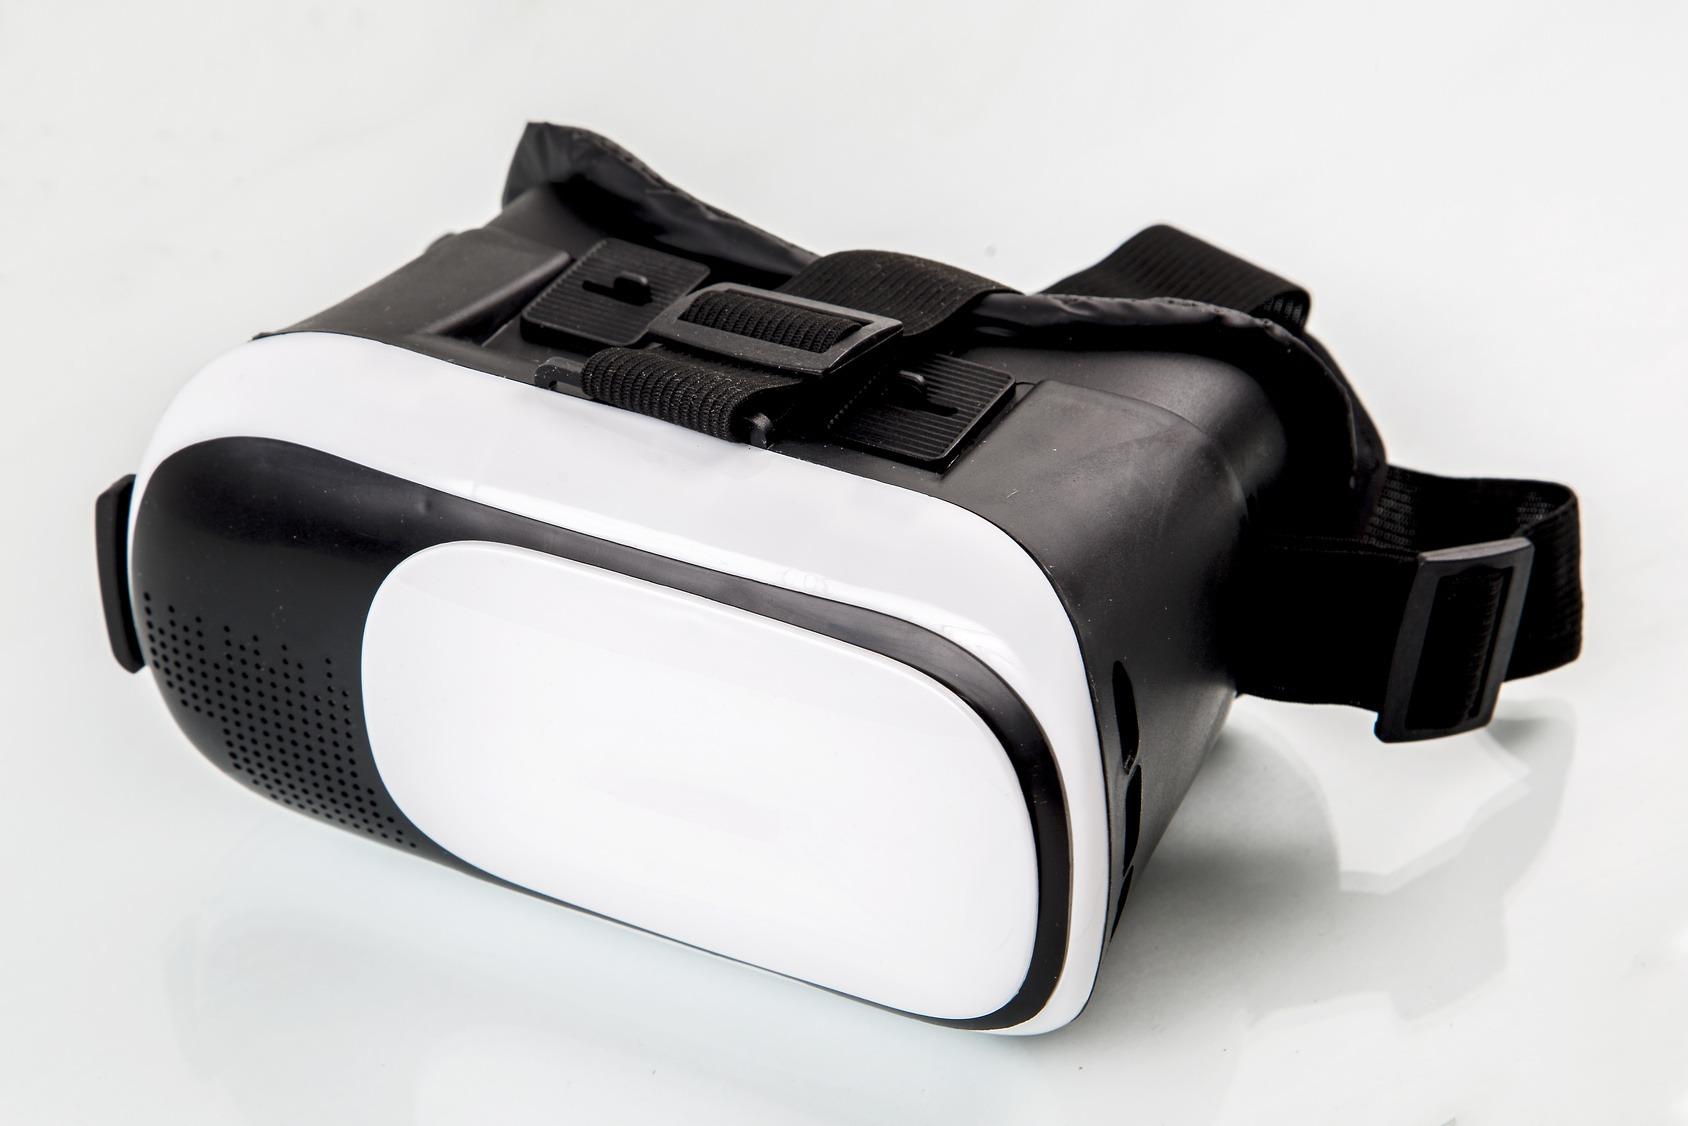 Eine einfache VR-Brille (HMD) auf einem weißen Tisch